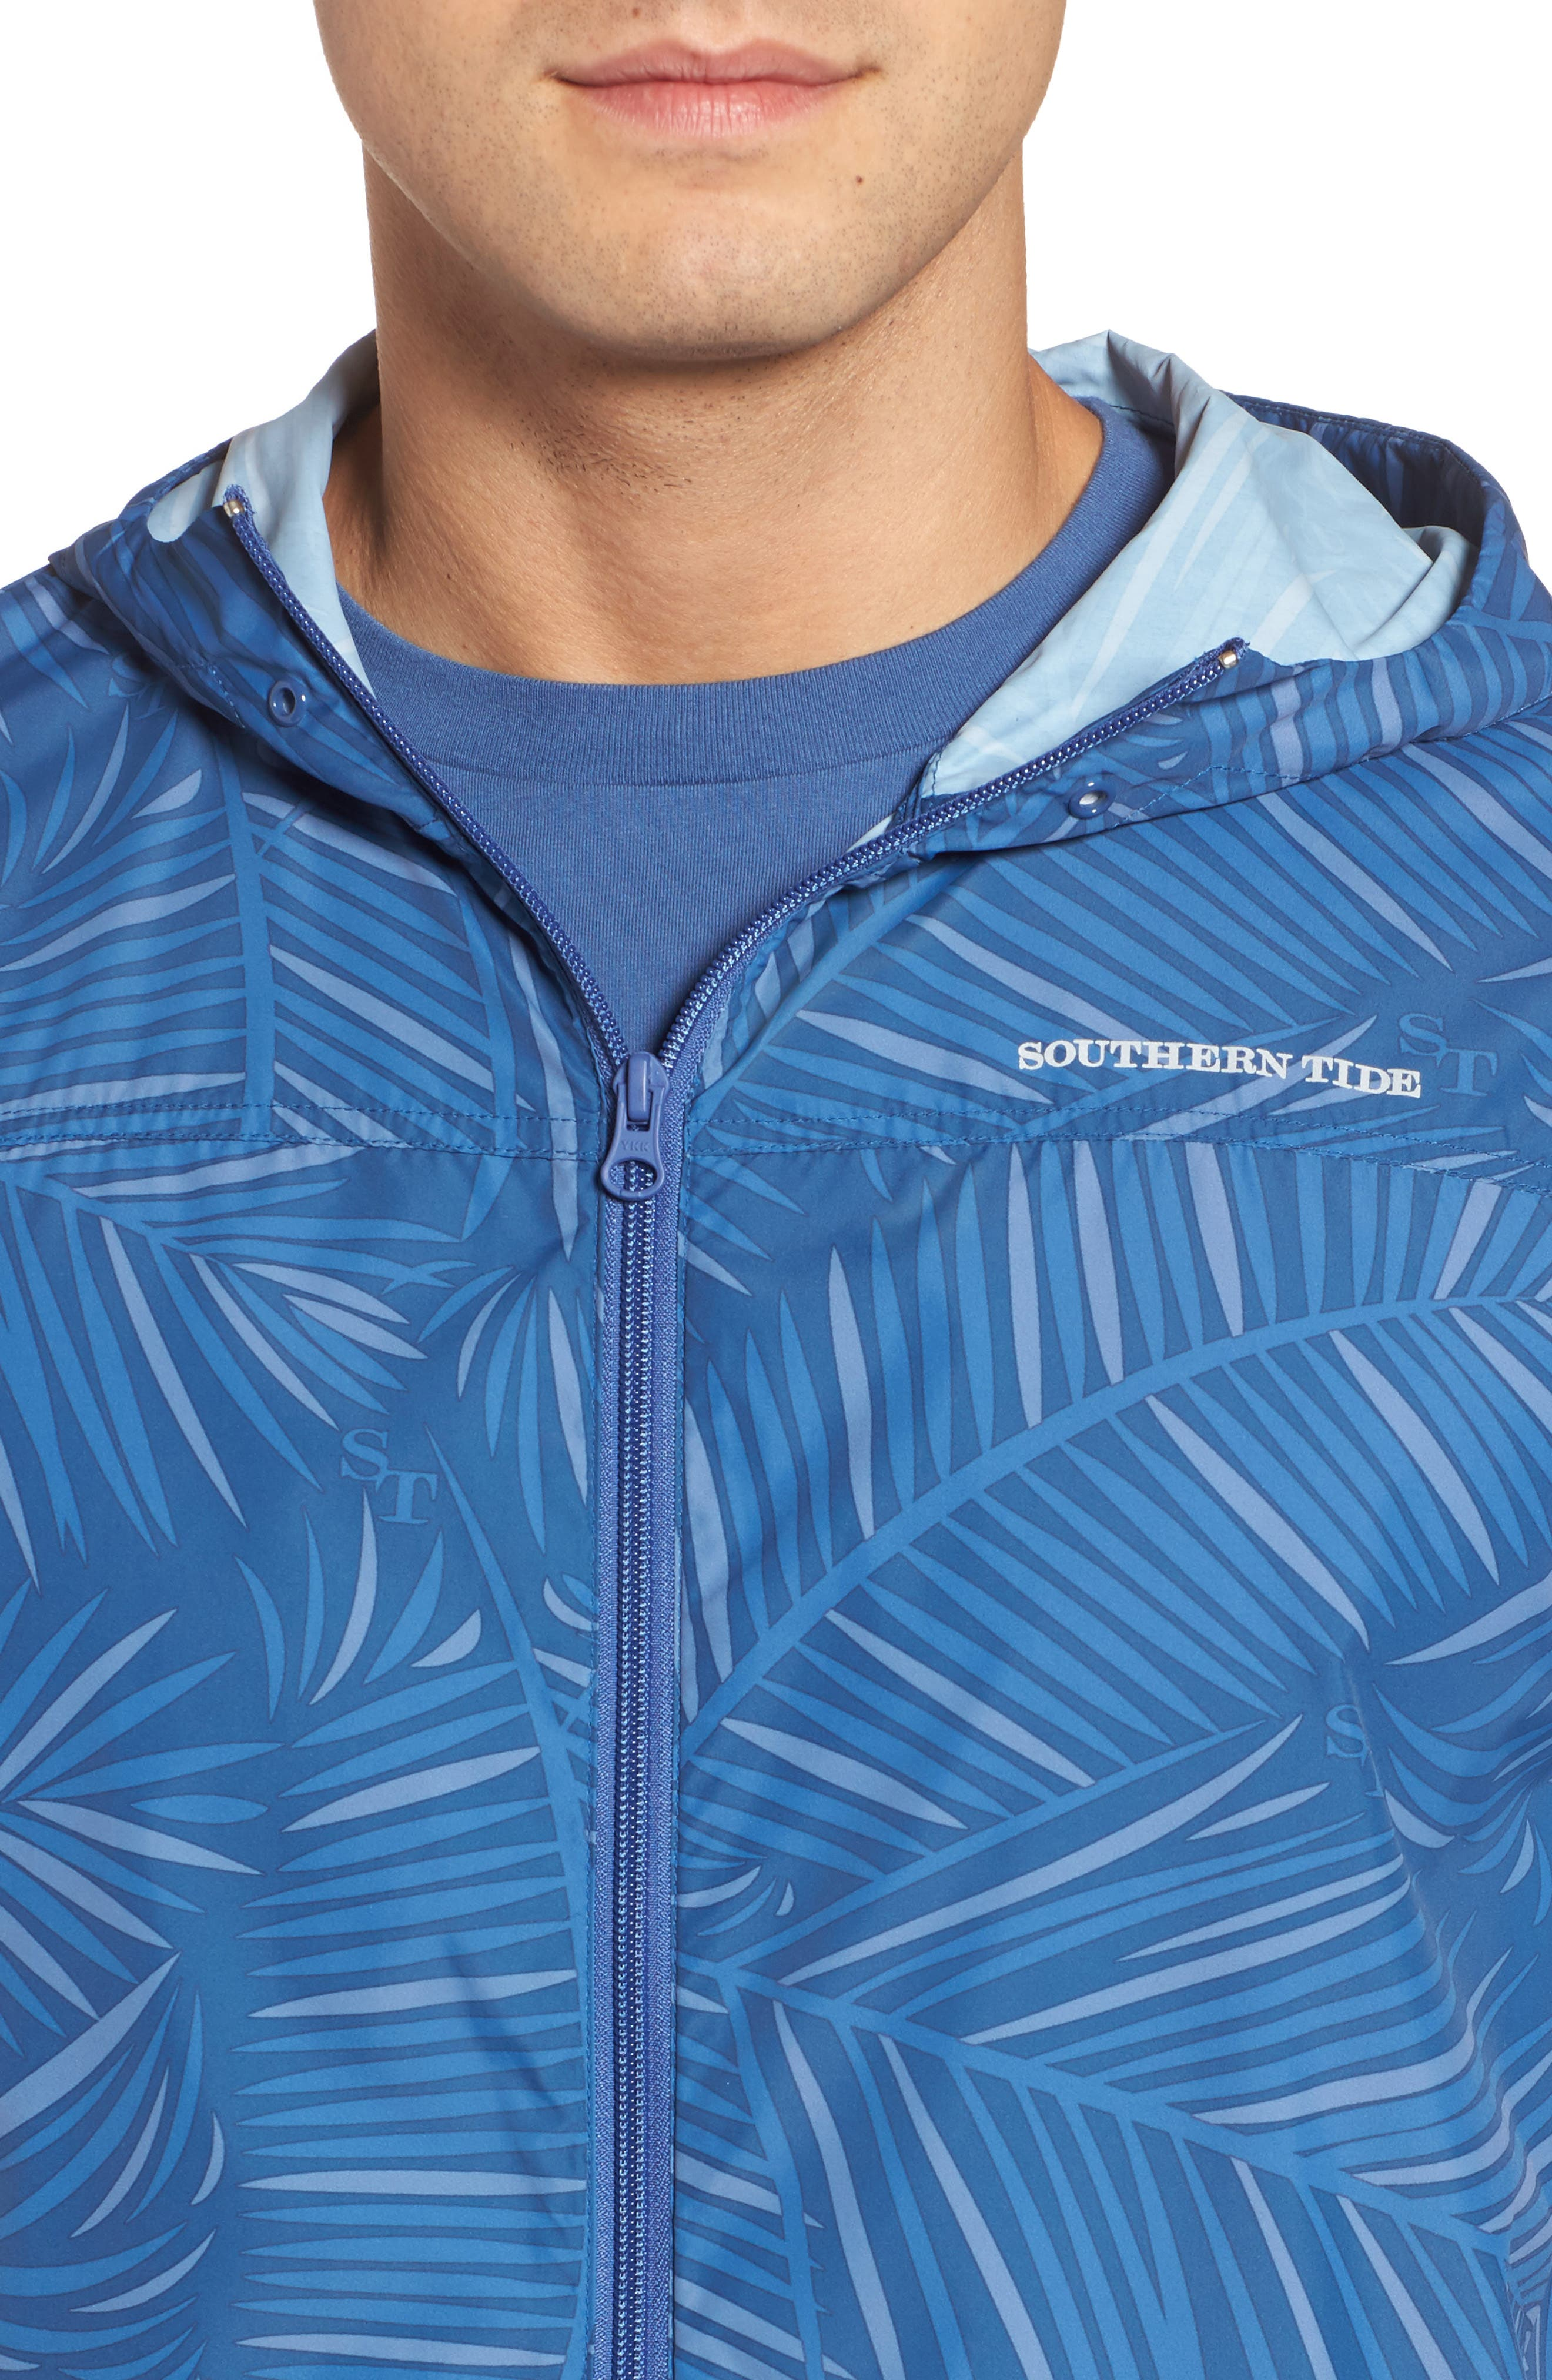 Alternate Image 4  - Southern Tide Pelican Peak Full Zip Hooded Jacket